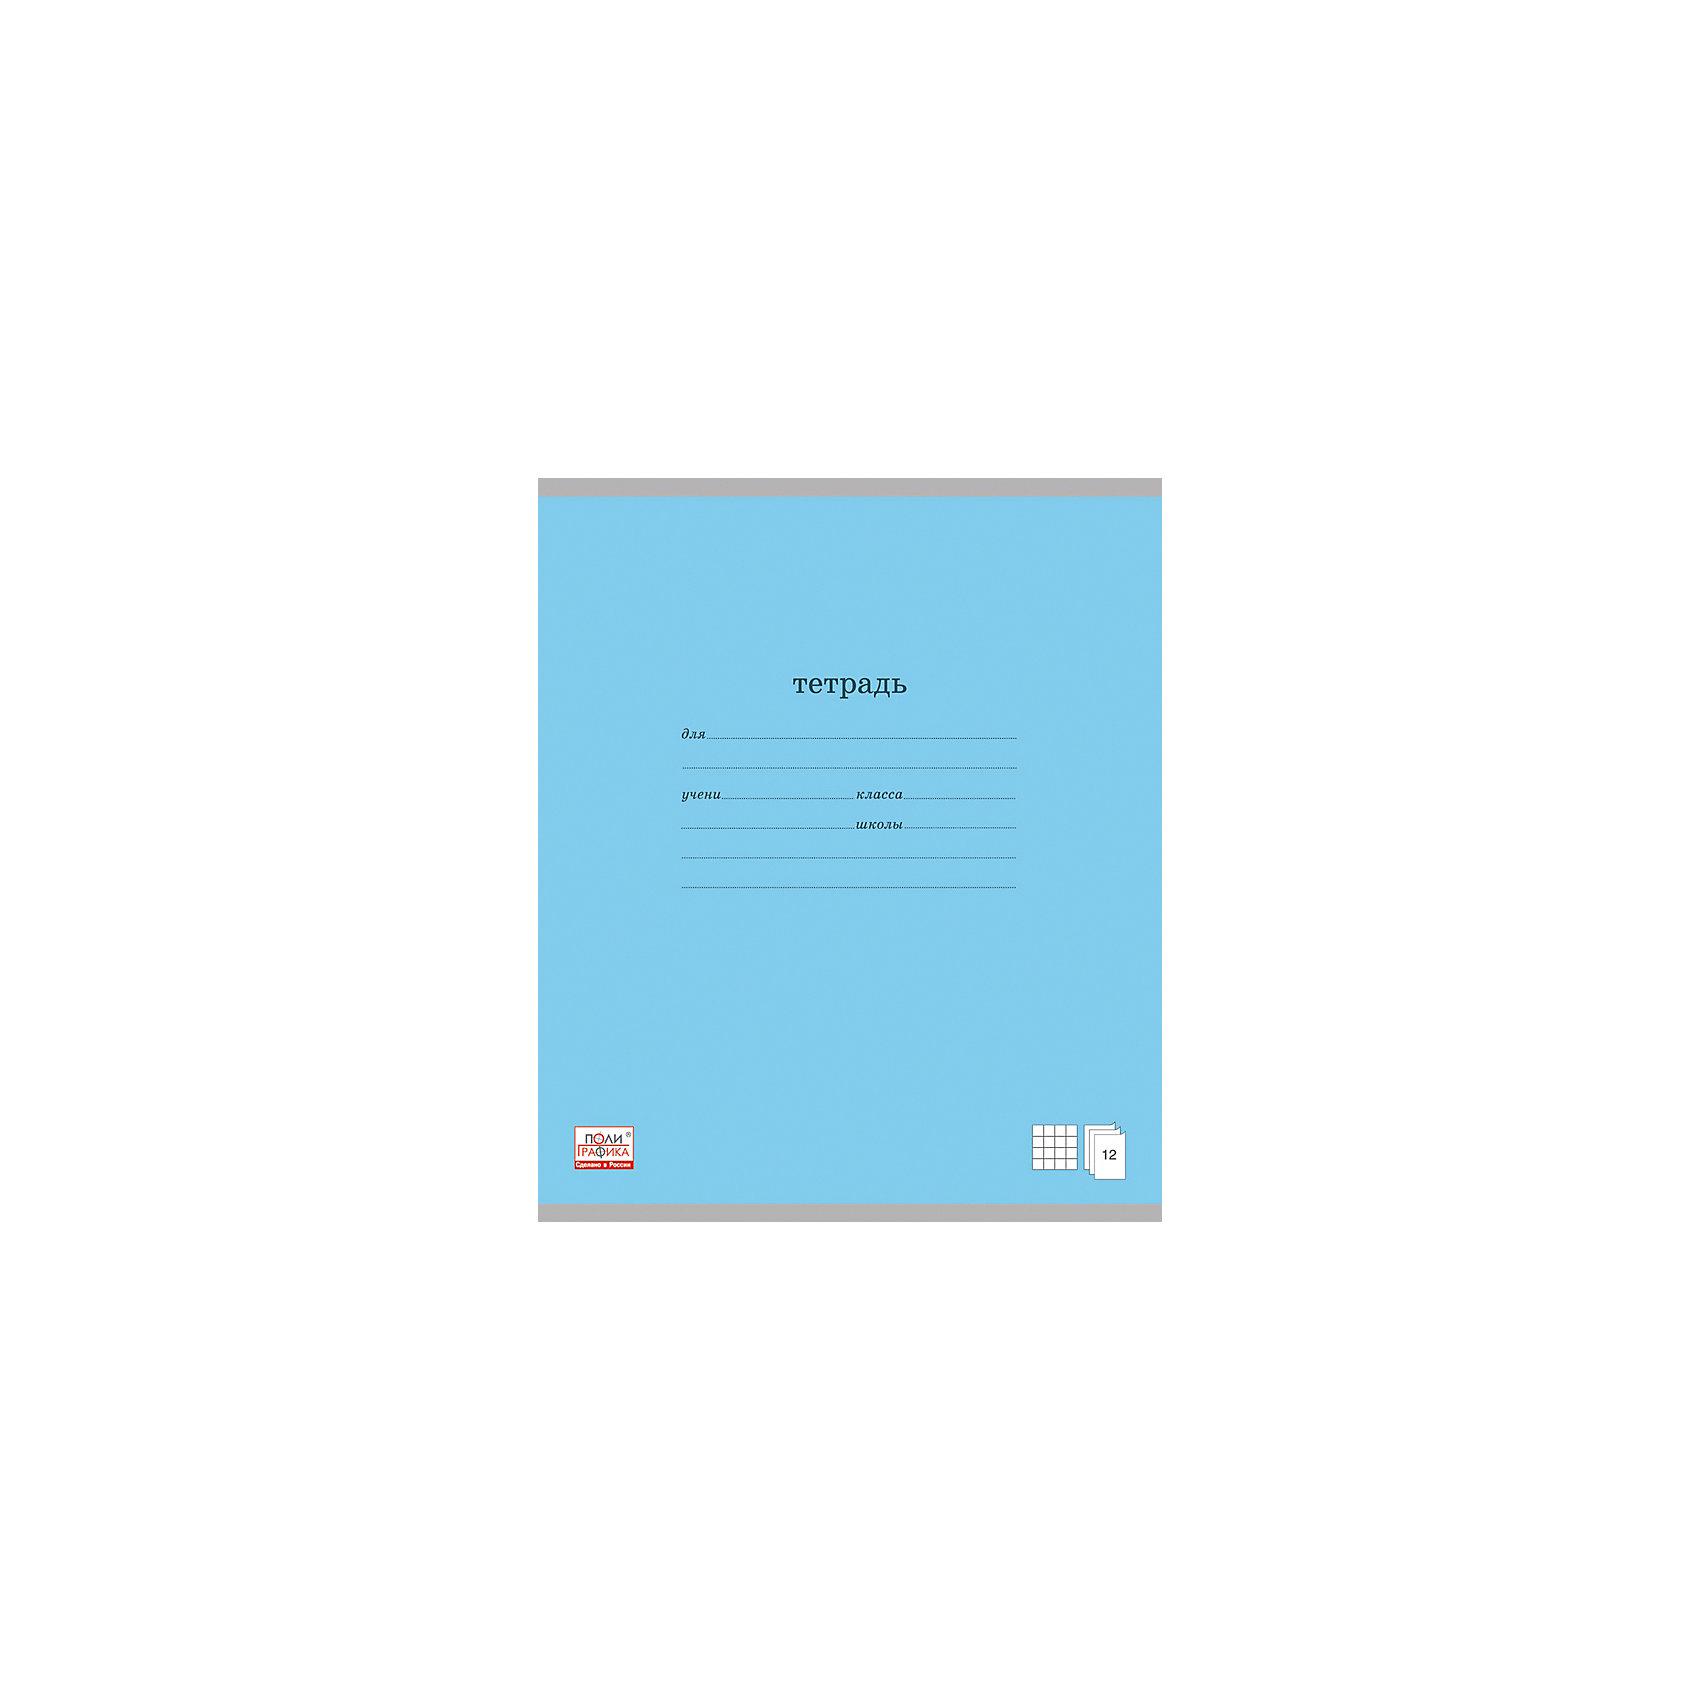 Тетрадь 12 листов, цвет голубой, упаковка из 10 шт.Бумажная продукция<br>Тетрадь 12 листов, цвет голубой, 10 шт.<br><br>Характеристики:<br><br>• Количество: 10 шт.<br>• Формат: А5<br>• Внутренний блок: 12 листов, клетка, с полями, офсет<br>• Тип крепления: скрепка<br>• Обложка: мелованный картон<br>• Цвет обложки: голубой<br>• Упаковка: термопленка<br><br>Тетрадь в клетку с полями предназначены для школьников. Отличная полиграфия и качественная бумага обеспечат высокое качество письма. Обложка из мелованного картона позволит сохранять тетрадь в аккуратном виде в течение всего периода использования. На задней обложке тетради - таблица умножения, меры длины, площади, объема и массы.<br><br>Тетрадь 12 листов, цвет голубой, 10 шт. можно купить в нашем интернет-магазине.<br><br>Ширина мм: 170<br>Глубина мм: 20<br>Высота мм: 205<br>Вес г: 349<br>Возраст от месяцев: 60<br>Возраст до месяцев: 204<br>Пол: Унисекс<br>Возраст: Детский<br>SKU: 5540075